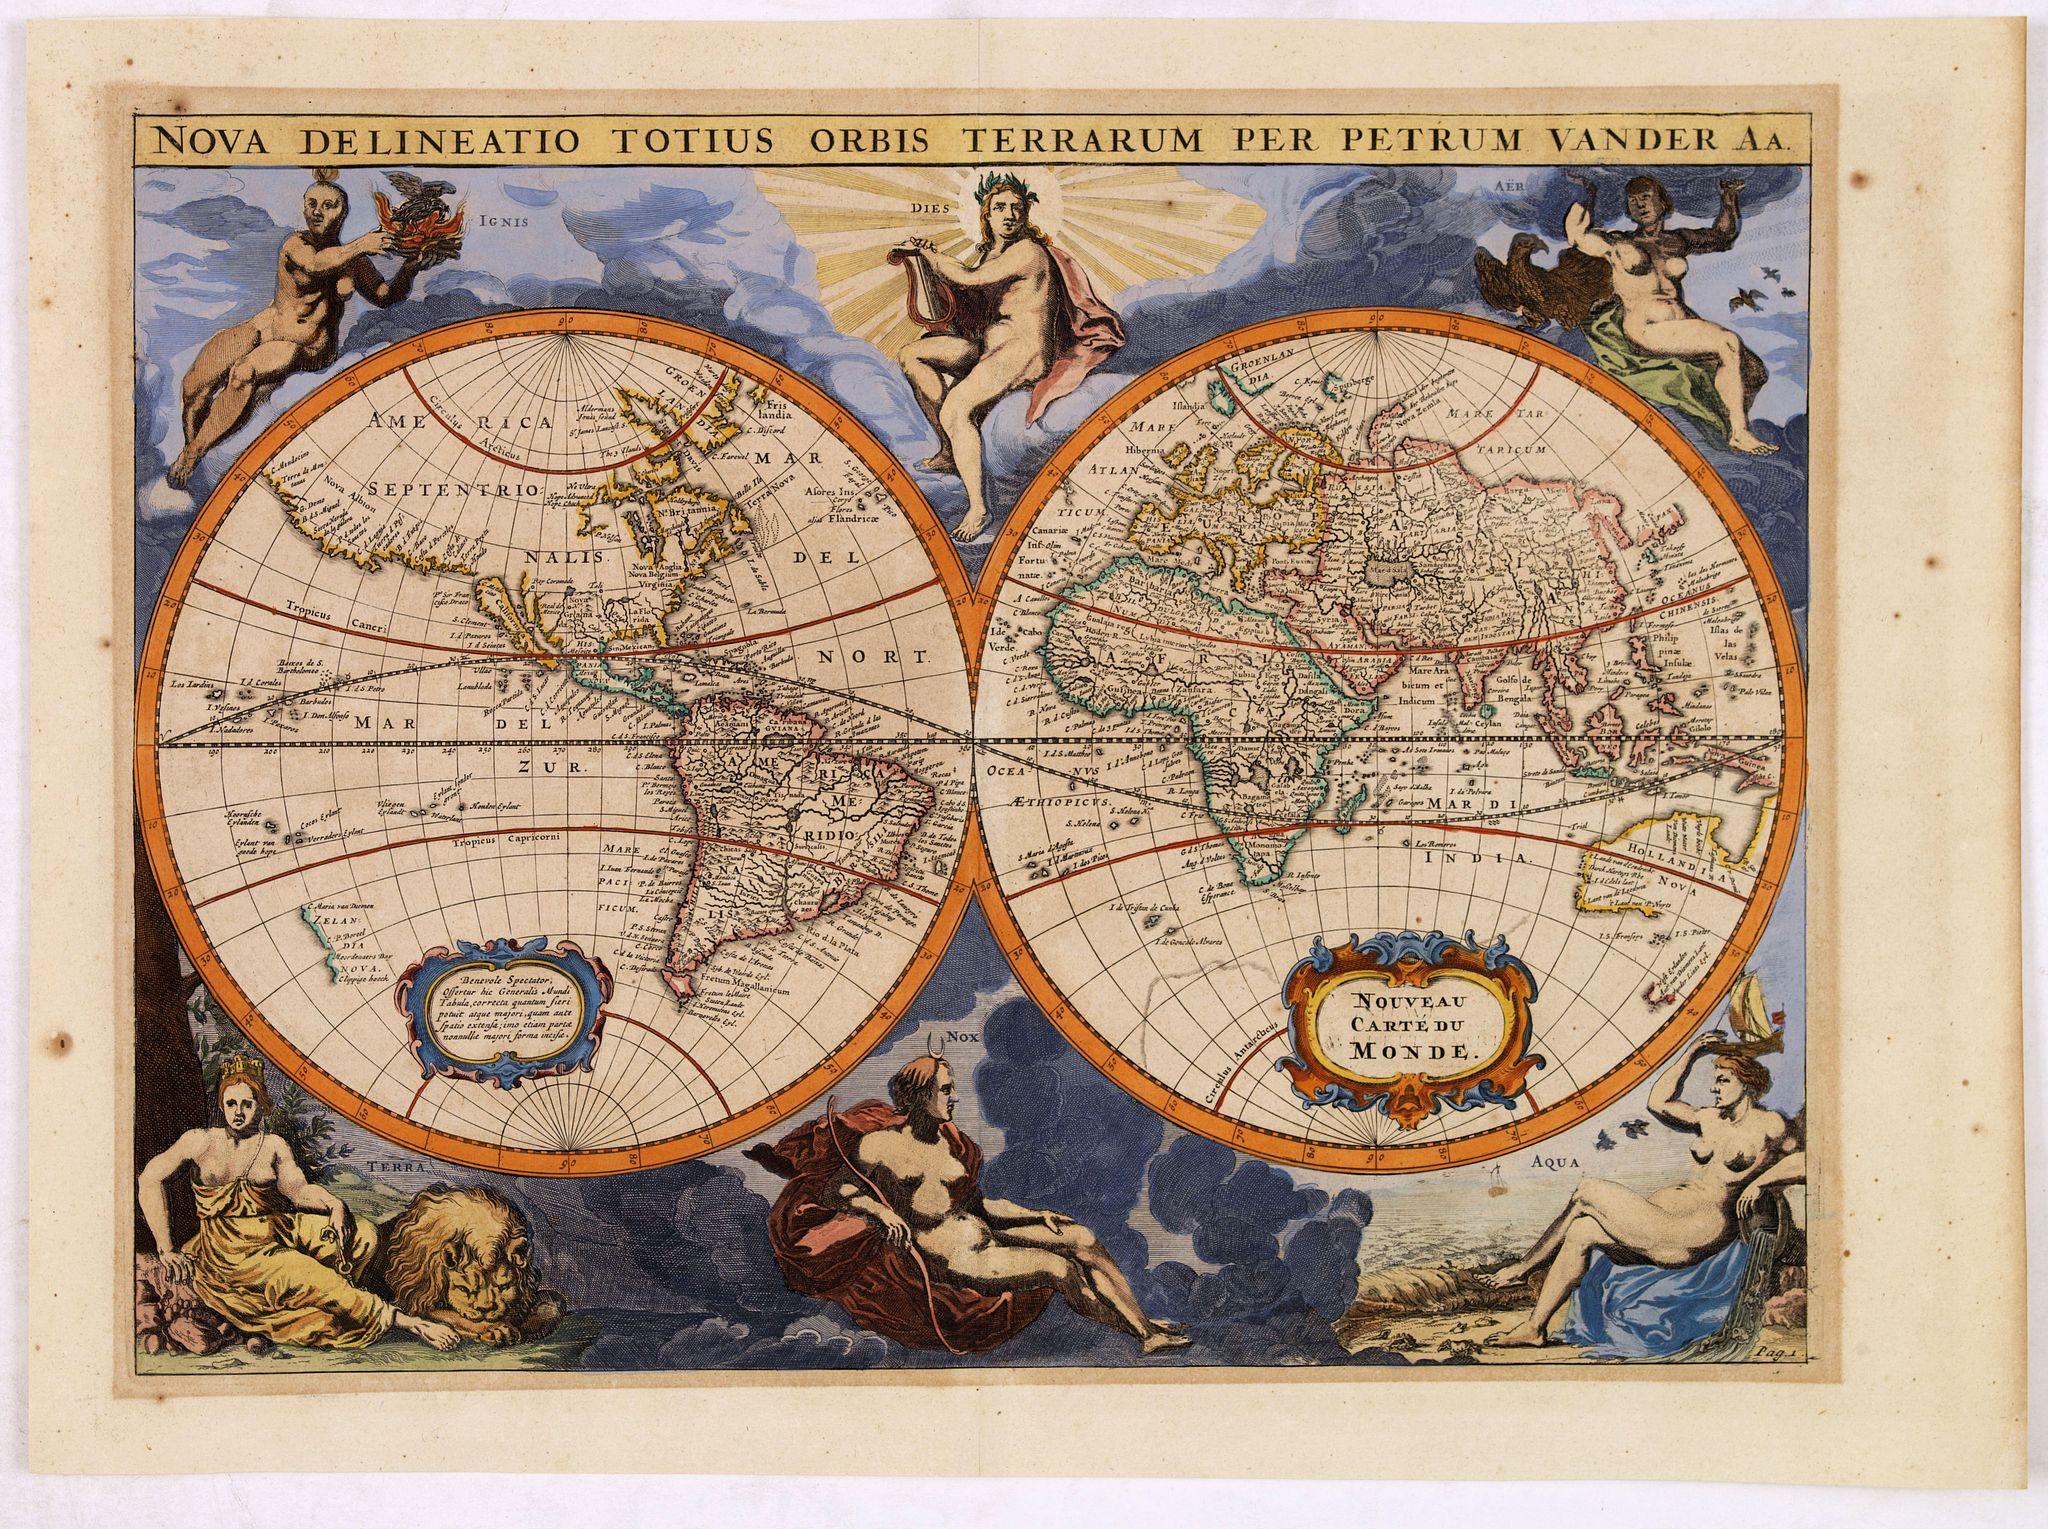 VAN DER AA, P. - Nova Delineatio Totius Orbis Terrarum Per Petrum Vander Aa.